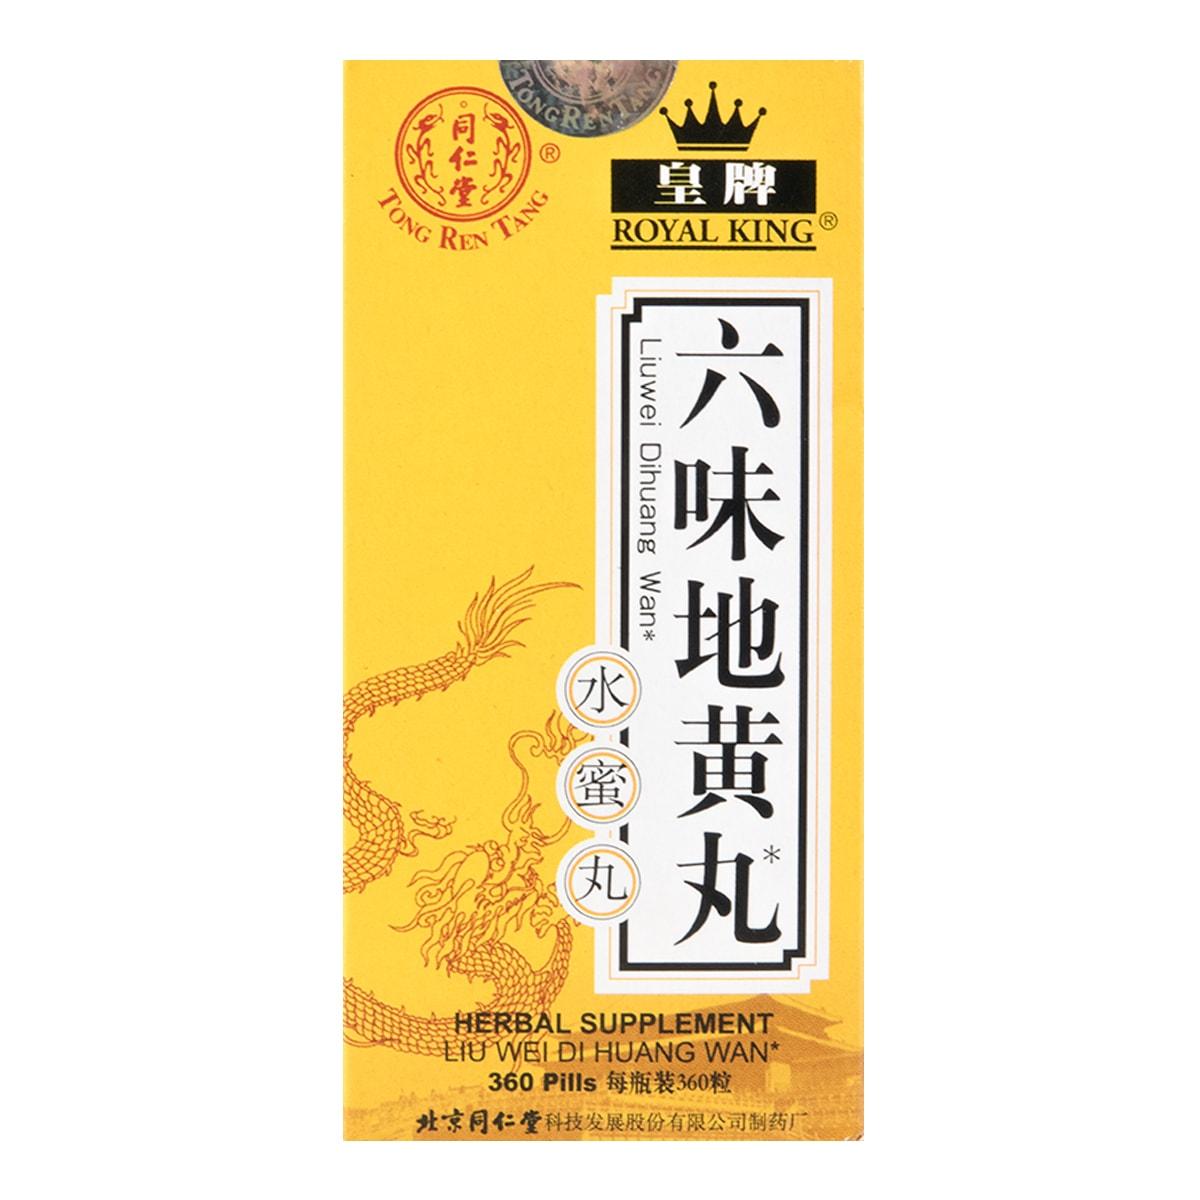 ROYAL KING Tong Ren Tang Herbal Supplement Liu Wei Di Huang Wan 360 pills 72g